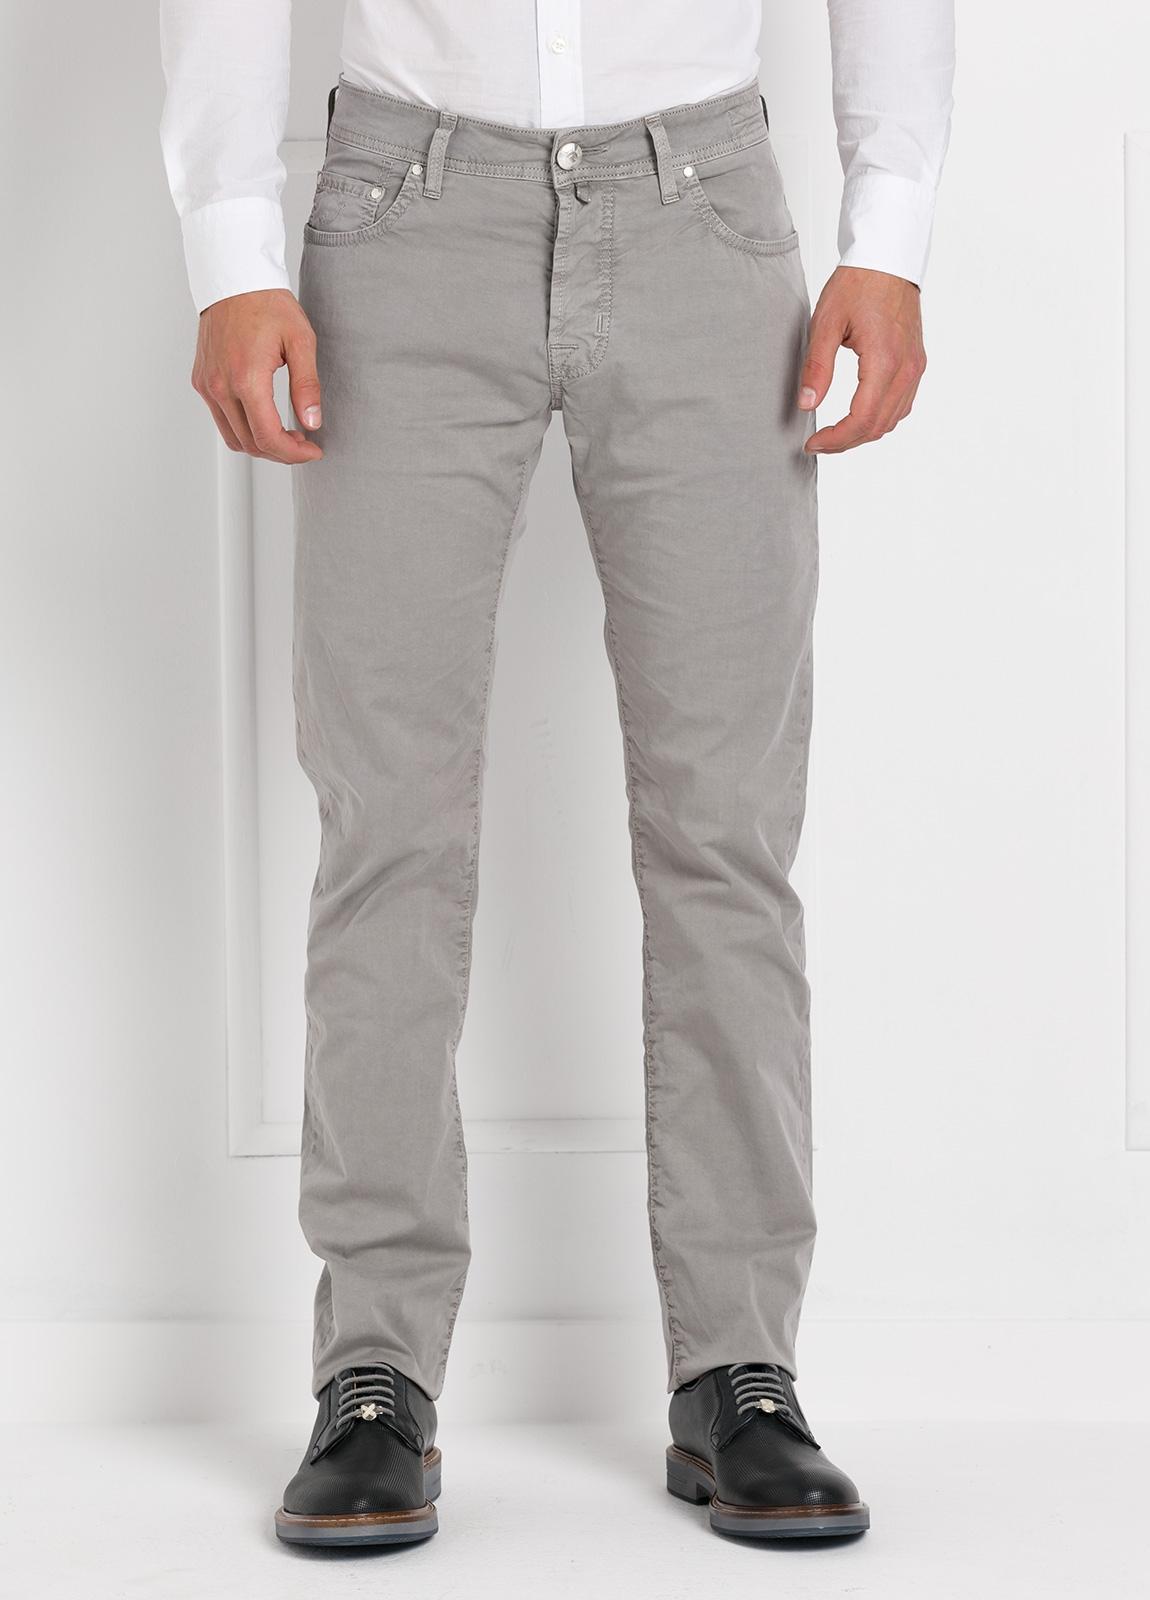 Pantalón cinco bolsillos modelo PW688 color gris. Algodón gabardina vintage.